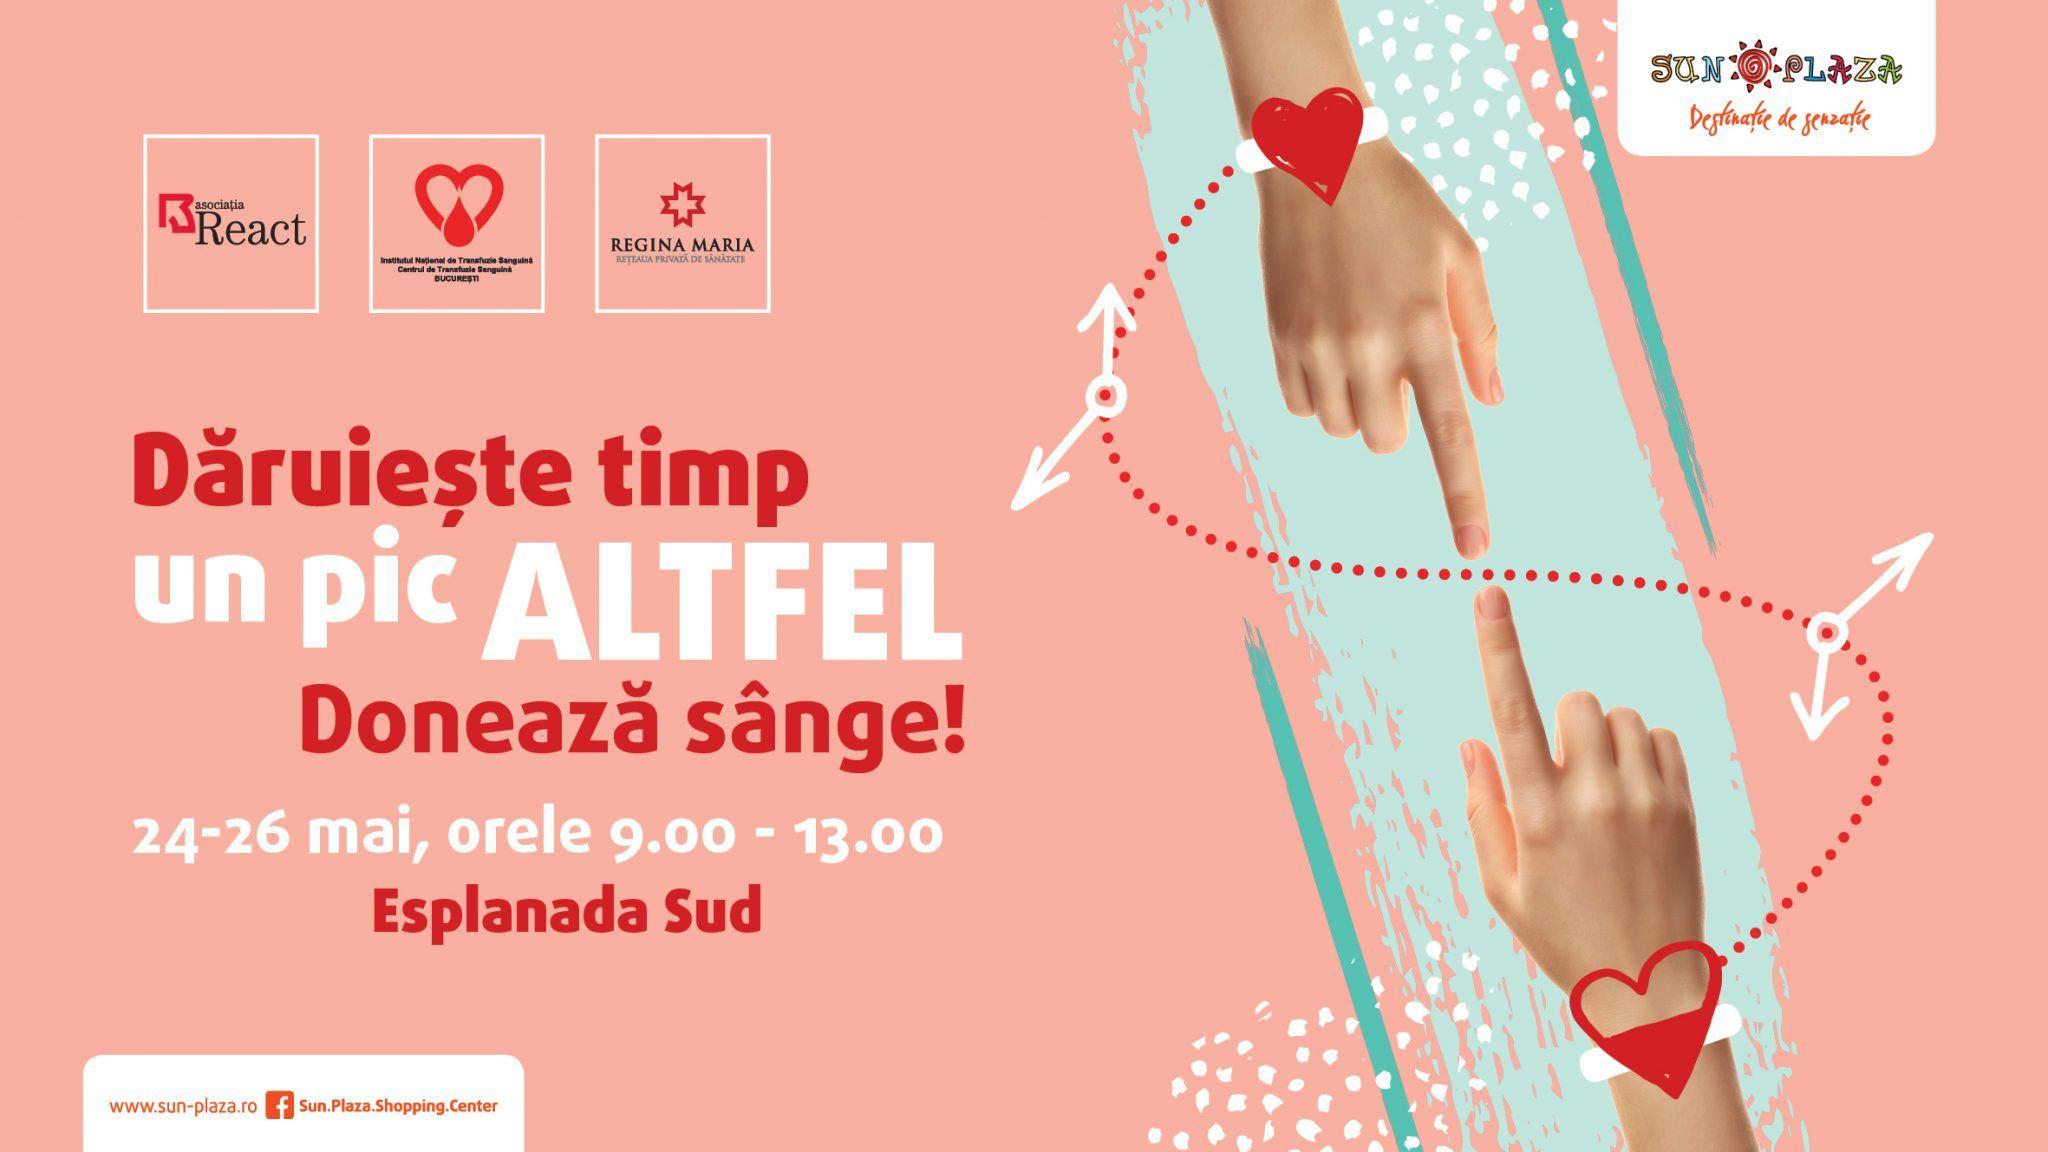 Vino și salvează o viață! Donează sânge în perioada 24 - 26 mai la mall. Cu o singură donare poți salva trei vieți omenești